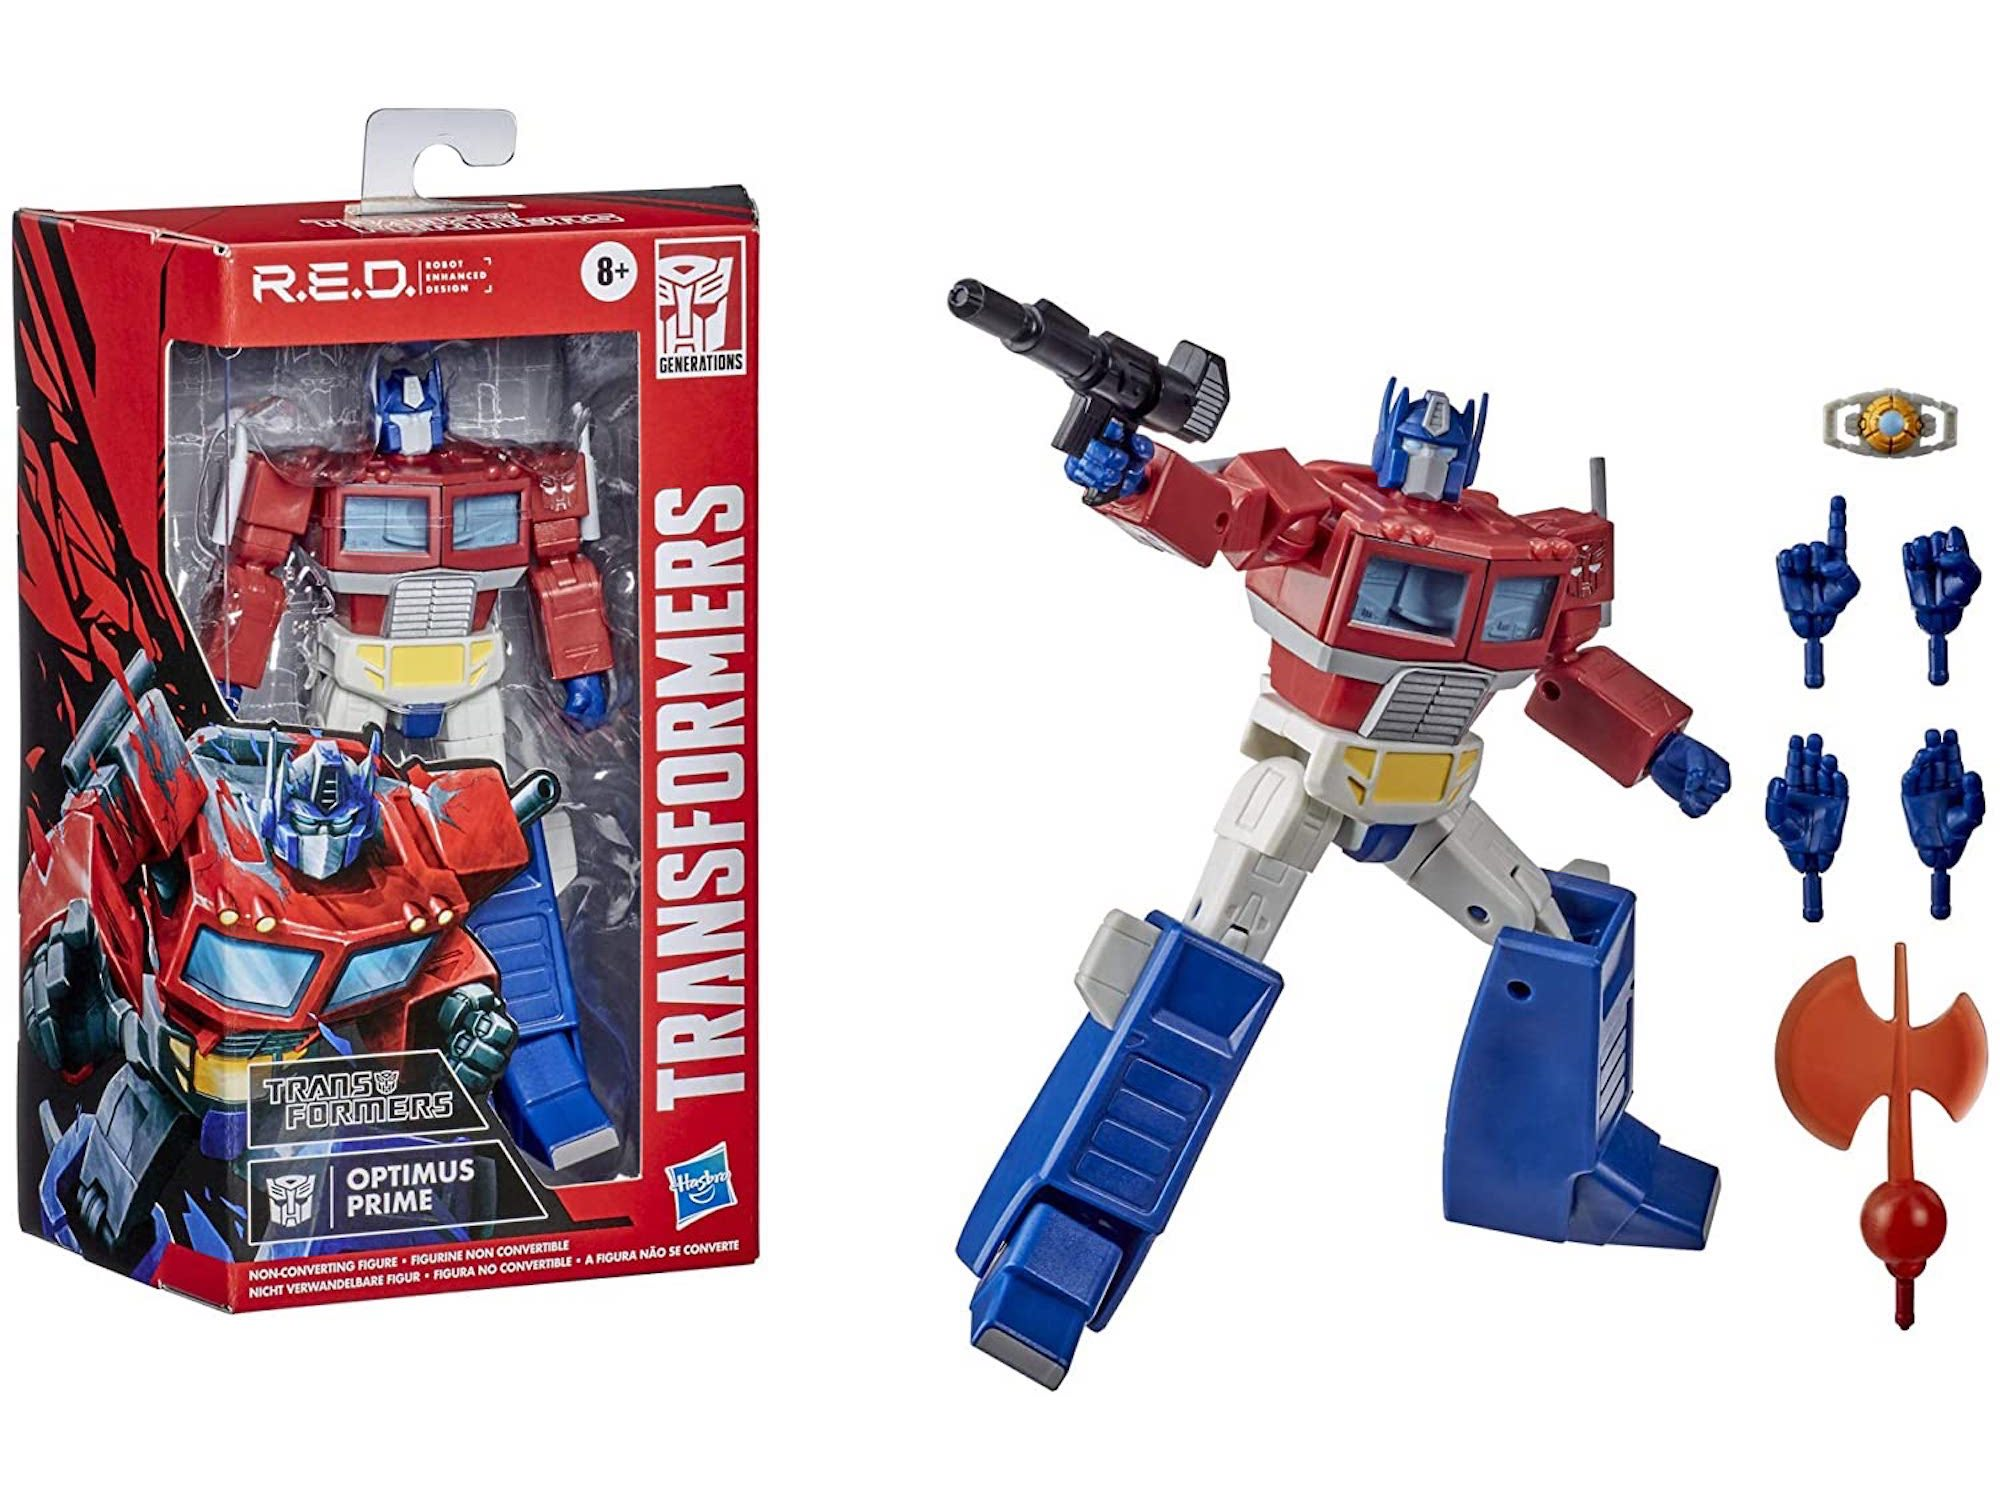 Transformers R.E.D. [Robot Enhanced Design]